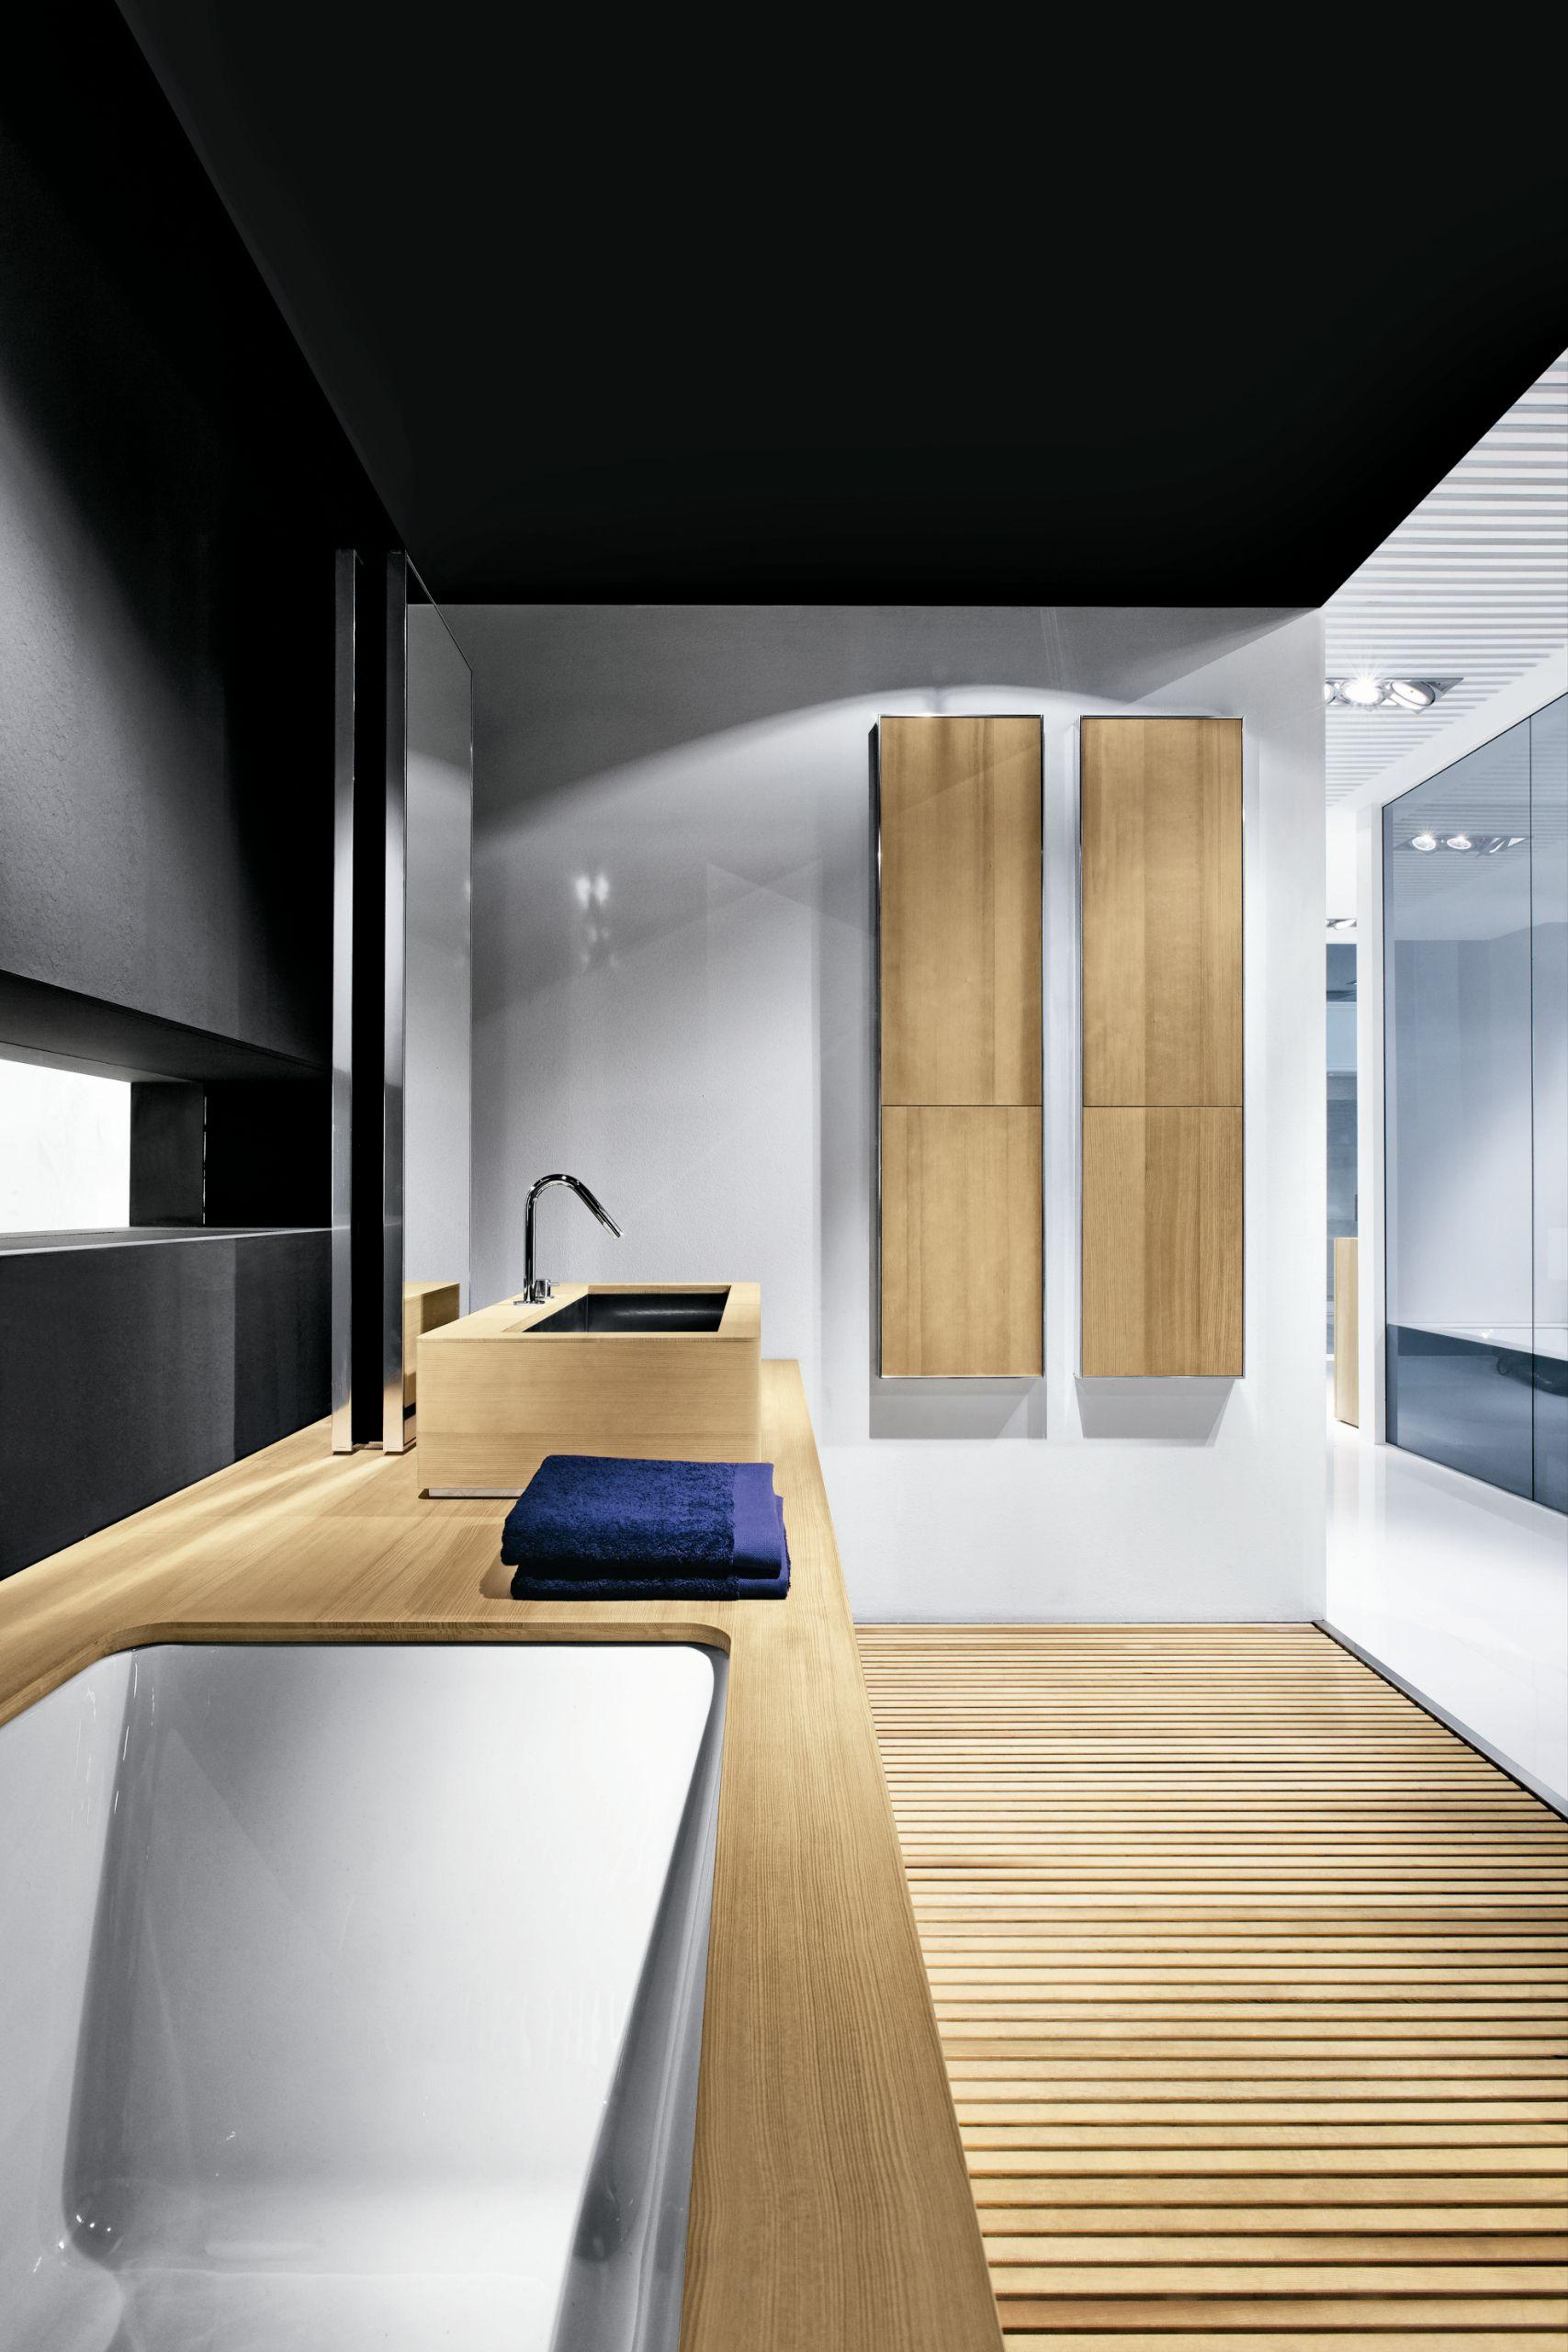 Bathroom Furniture Set Bathtub Washbasin Shower Tray